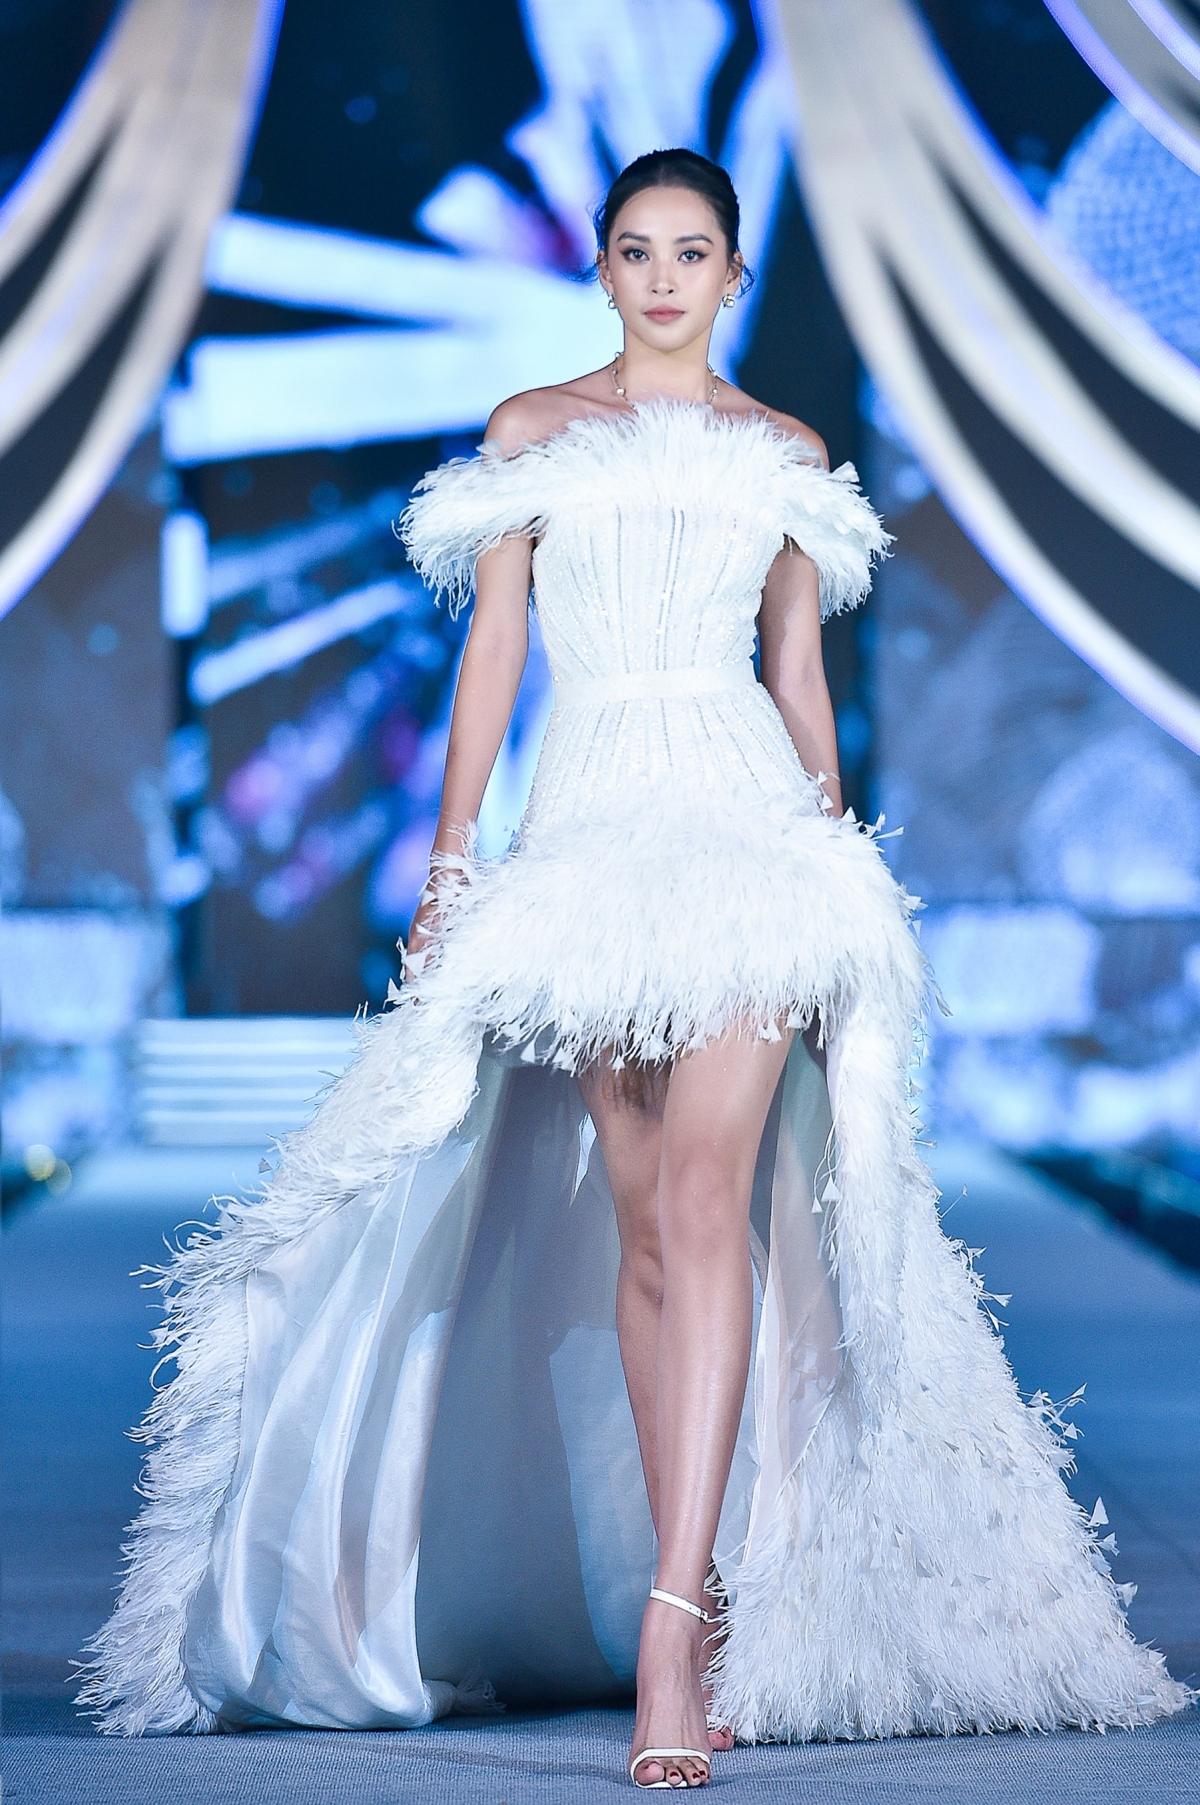 Đảm nhận vai trò vedette của BST, Đương kim Hoa hậu Việt Nam Trần Tiểu Vy ngày càng khẳng định nhan sắc và kĩ năng catwalk chuyên nghiệp.